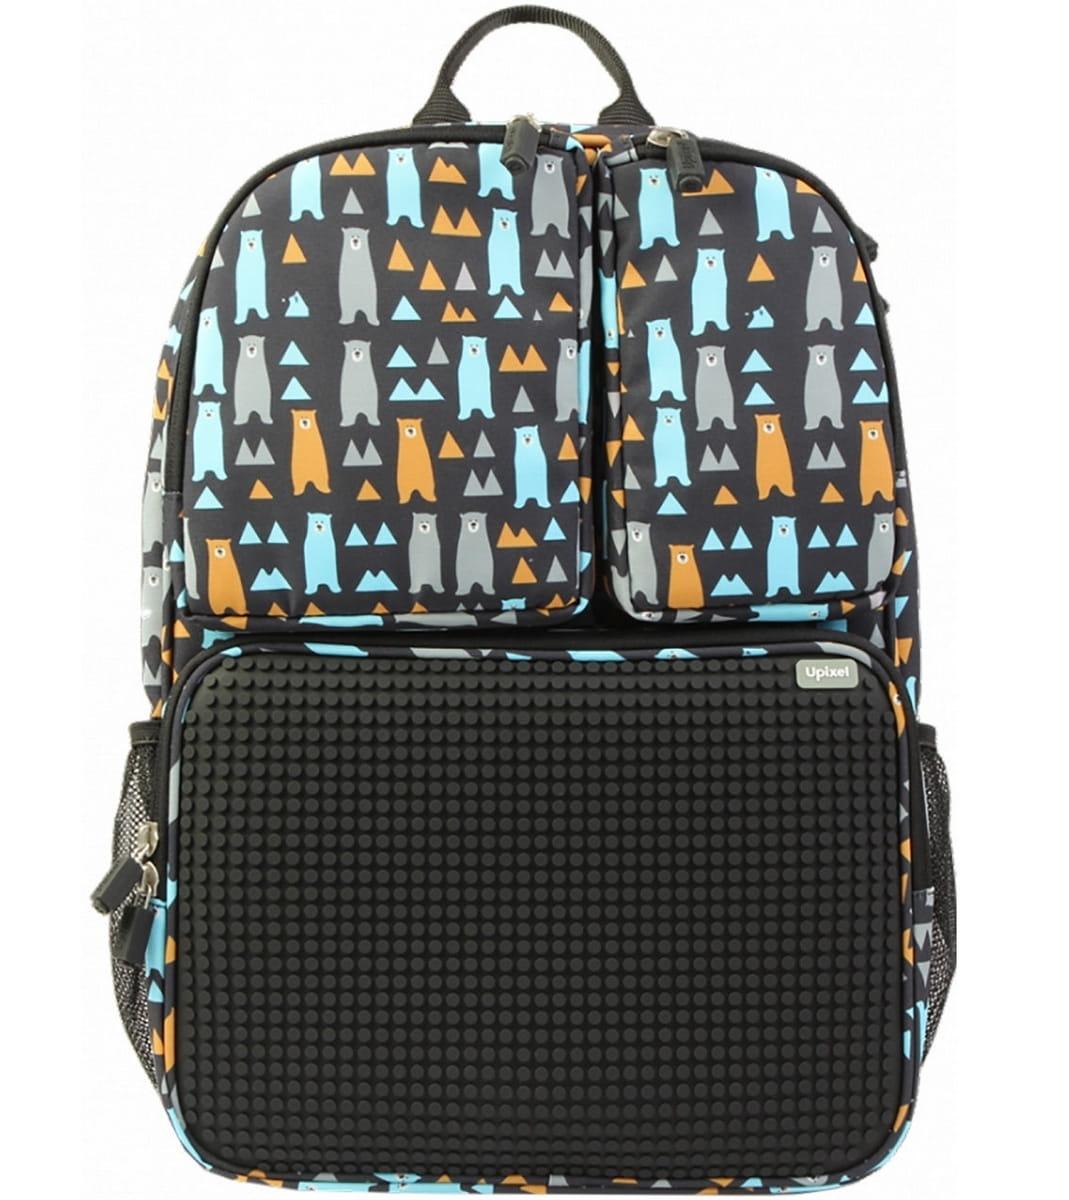 61f7e7270642 Рюкзак UPIXEL Joyful Kiddo WY-A026 - черный с рисунком - купить по ...